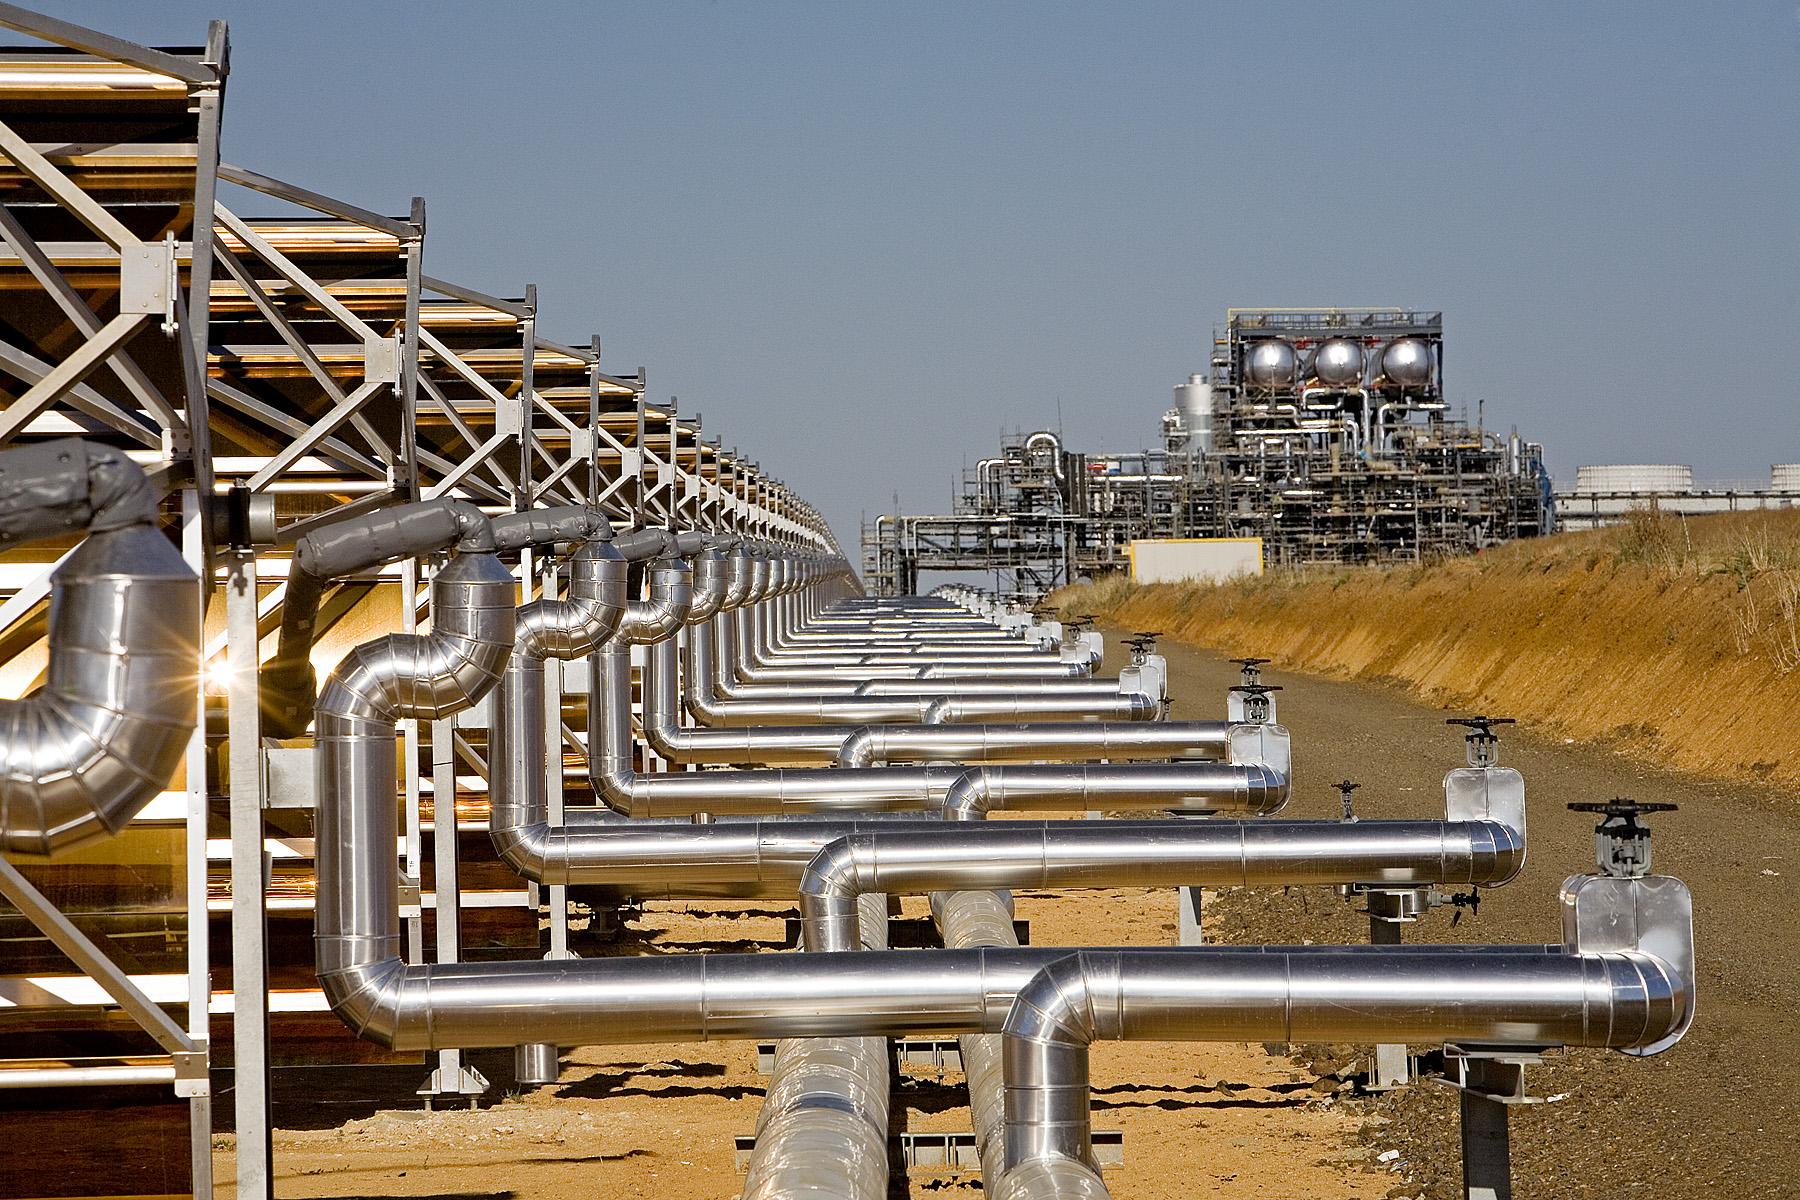 La planta termosolar de Ouarzazate (Marruecos) entrará en funcionamiento en 2015